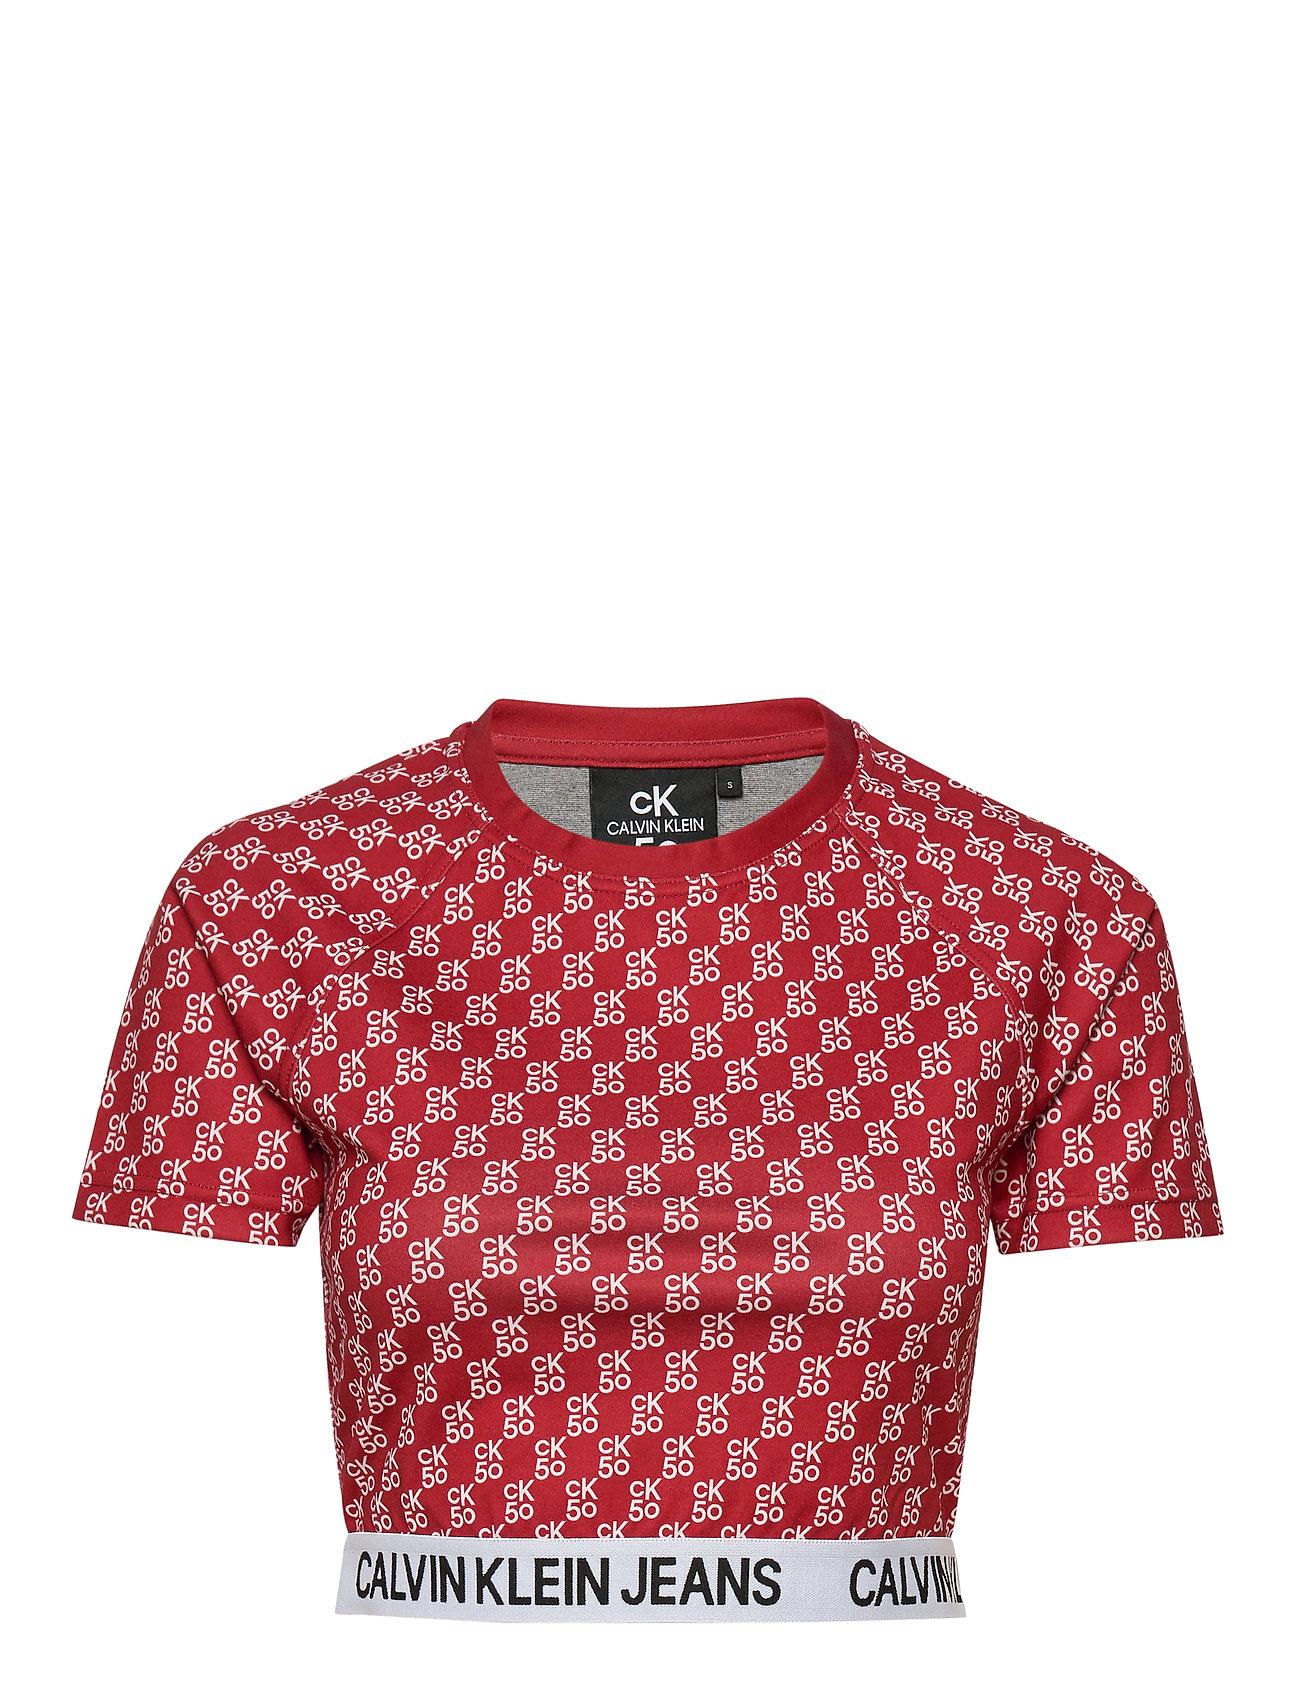 Calvin Klein Jeans MILANO SS TOP - CK50 AOP RED/ WHITE LOGO